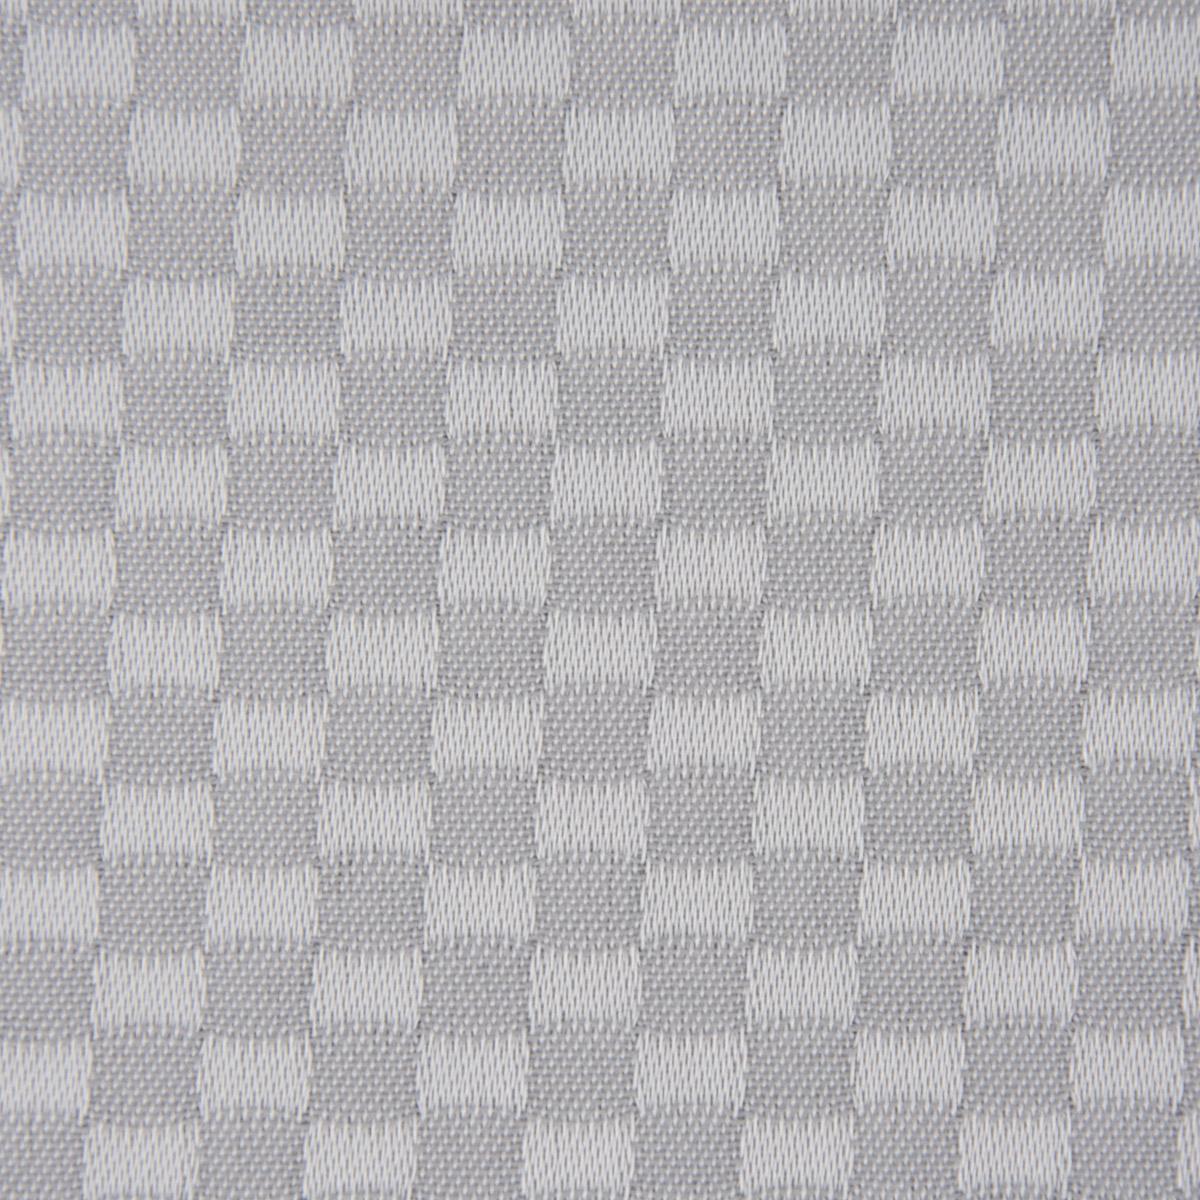 Tischdeckenstoff Damast Tischwäschestoff Teflon Dekostoff Rechtecke silbergrau 3,20m Breite